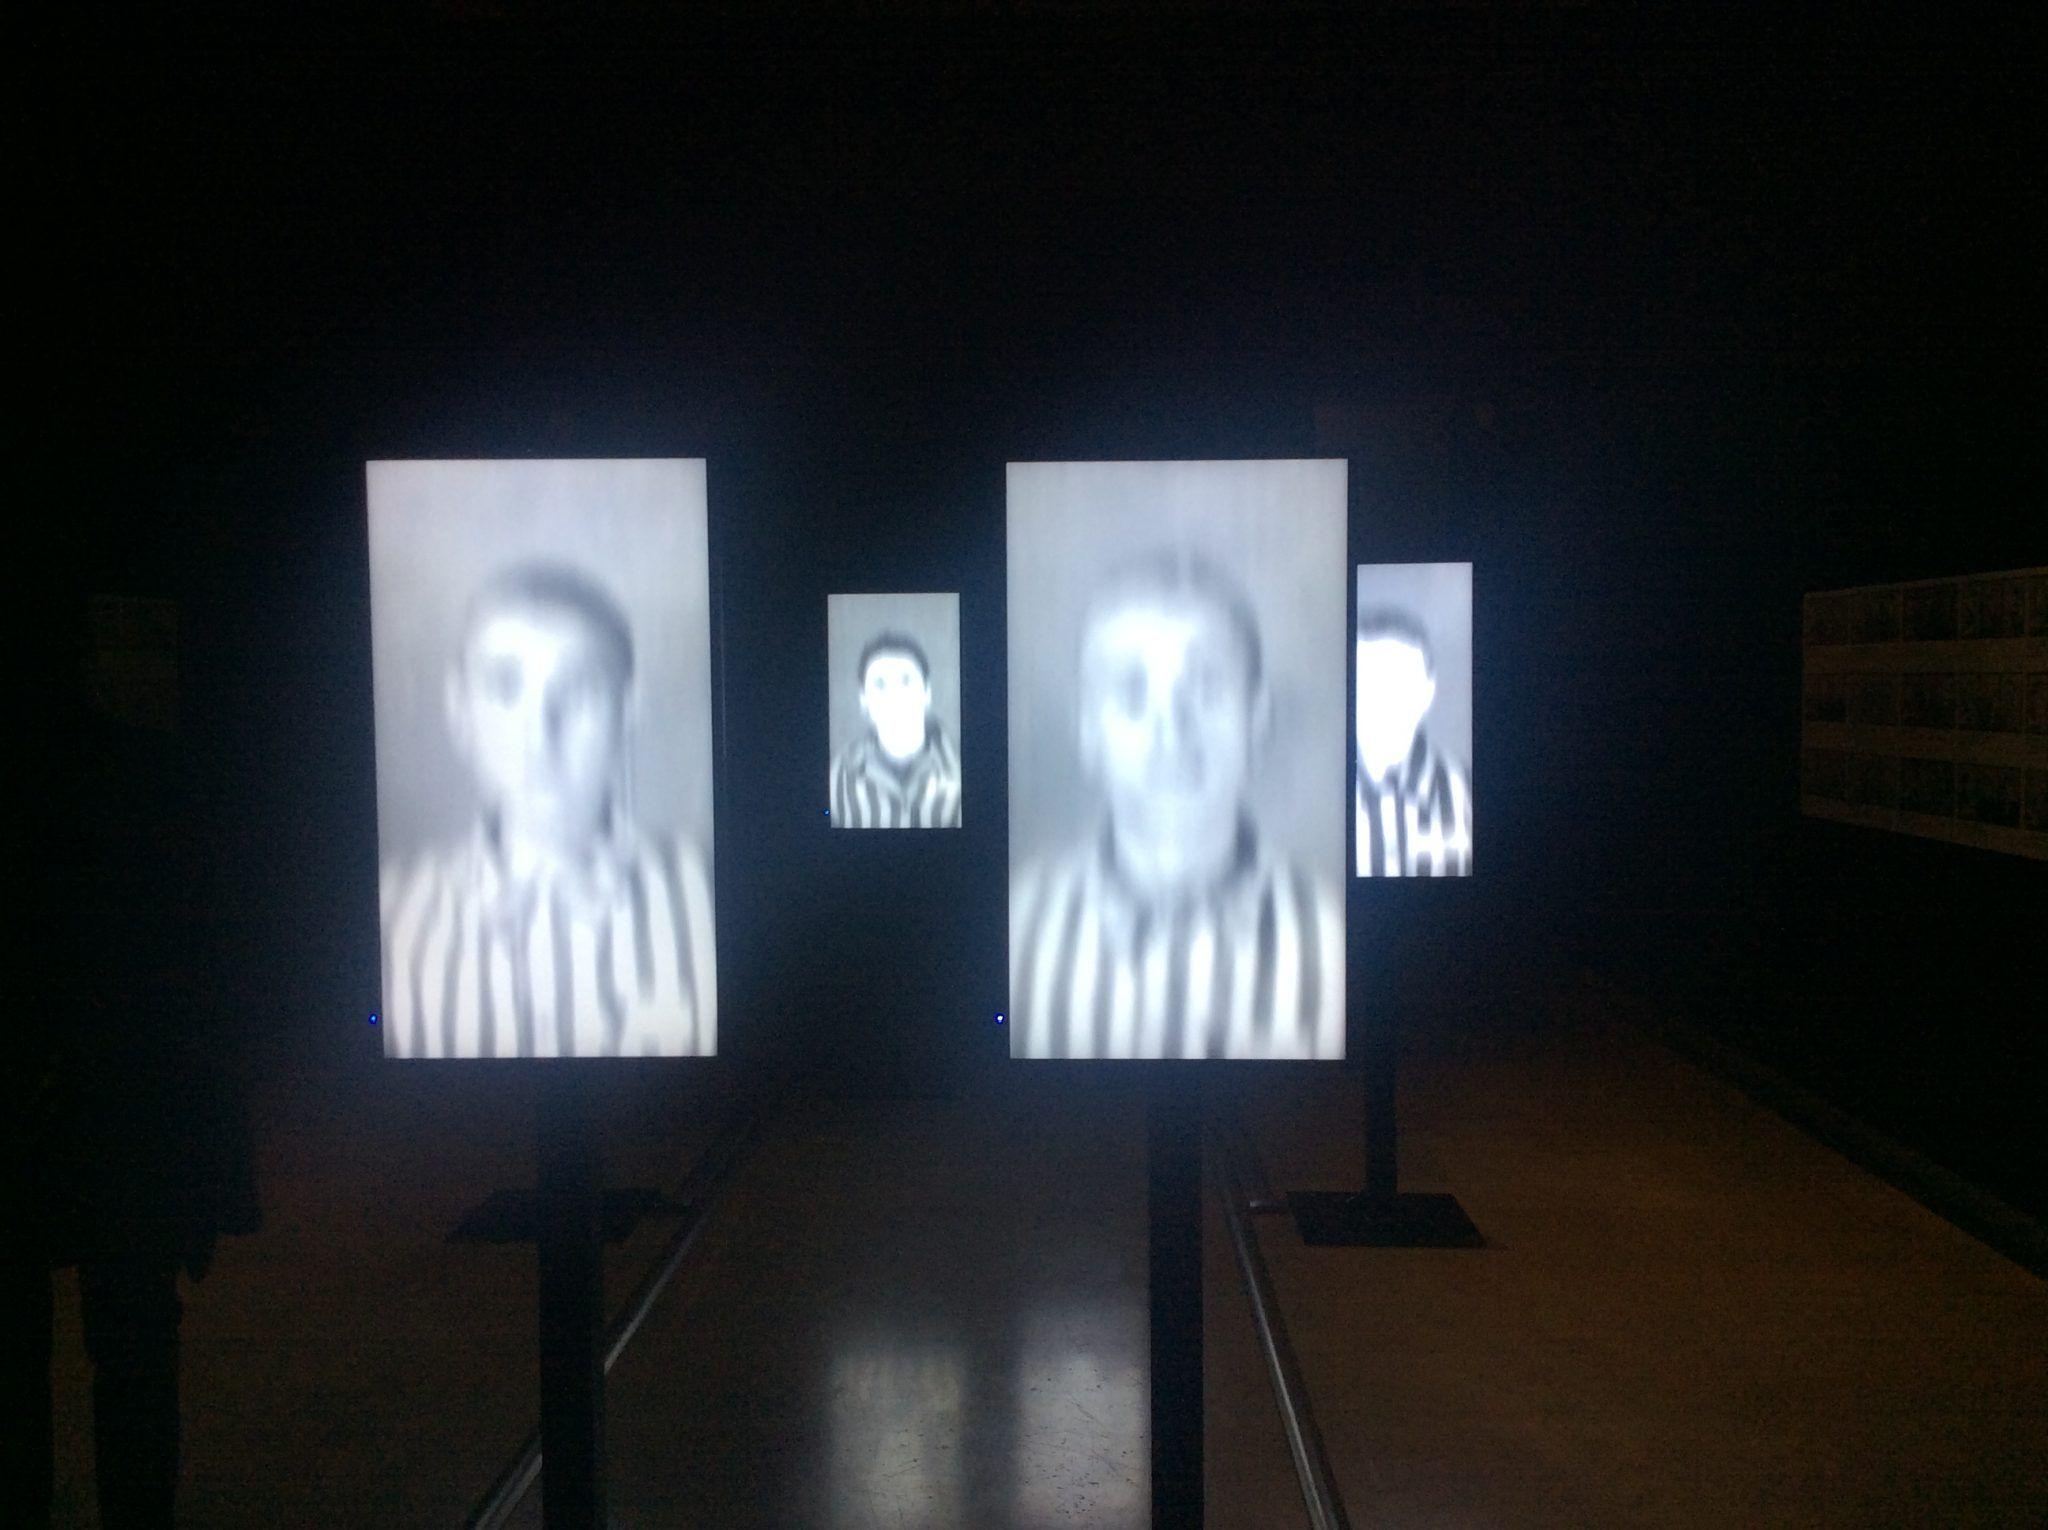 Pannelli interattivi della mostra Testimoni dei Testimoni